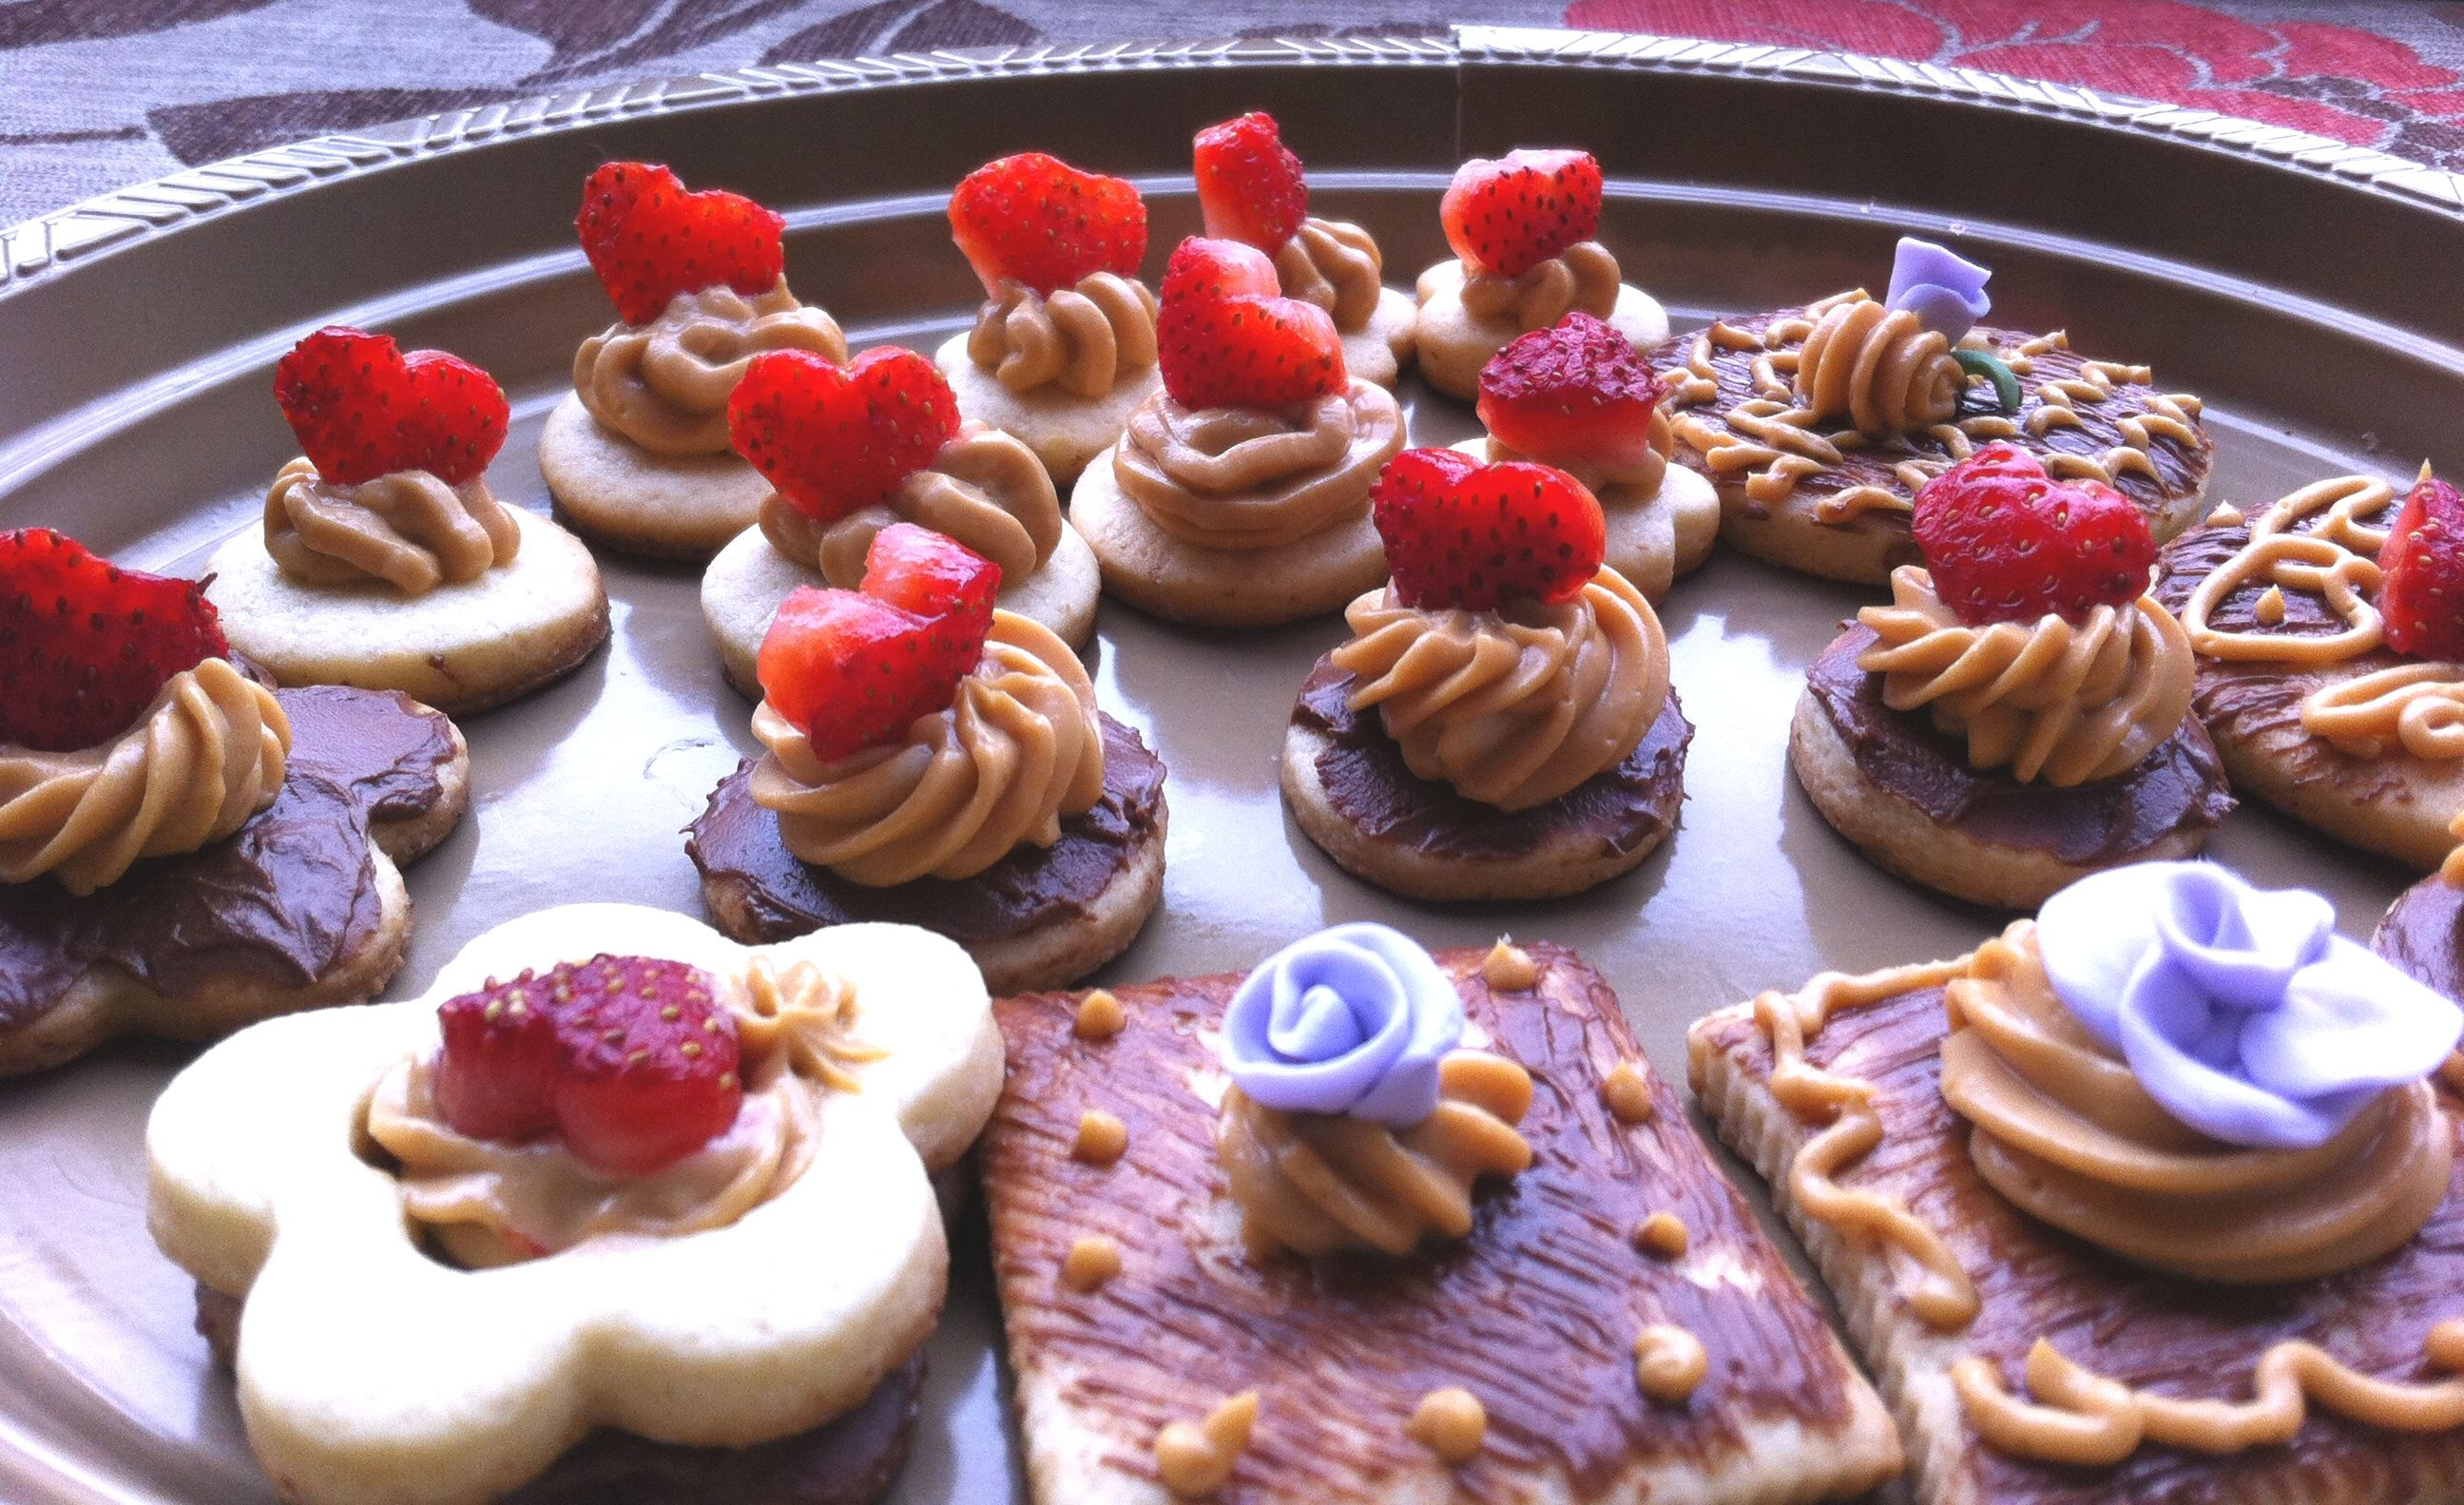 galletas de baileys bañadas en chocolate con manjar y fresas... deliciosasss